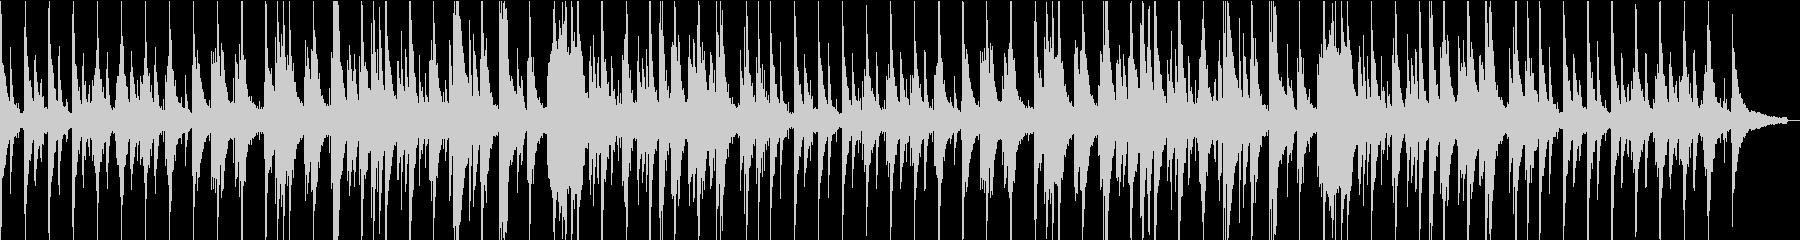 心安らぐ寛ぎのジャズバラードピアノの未再生の波形